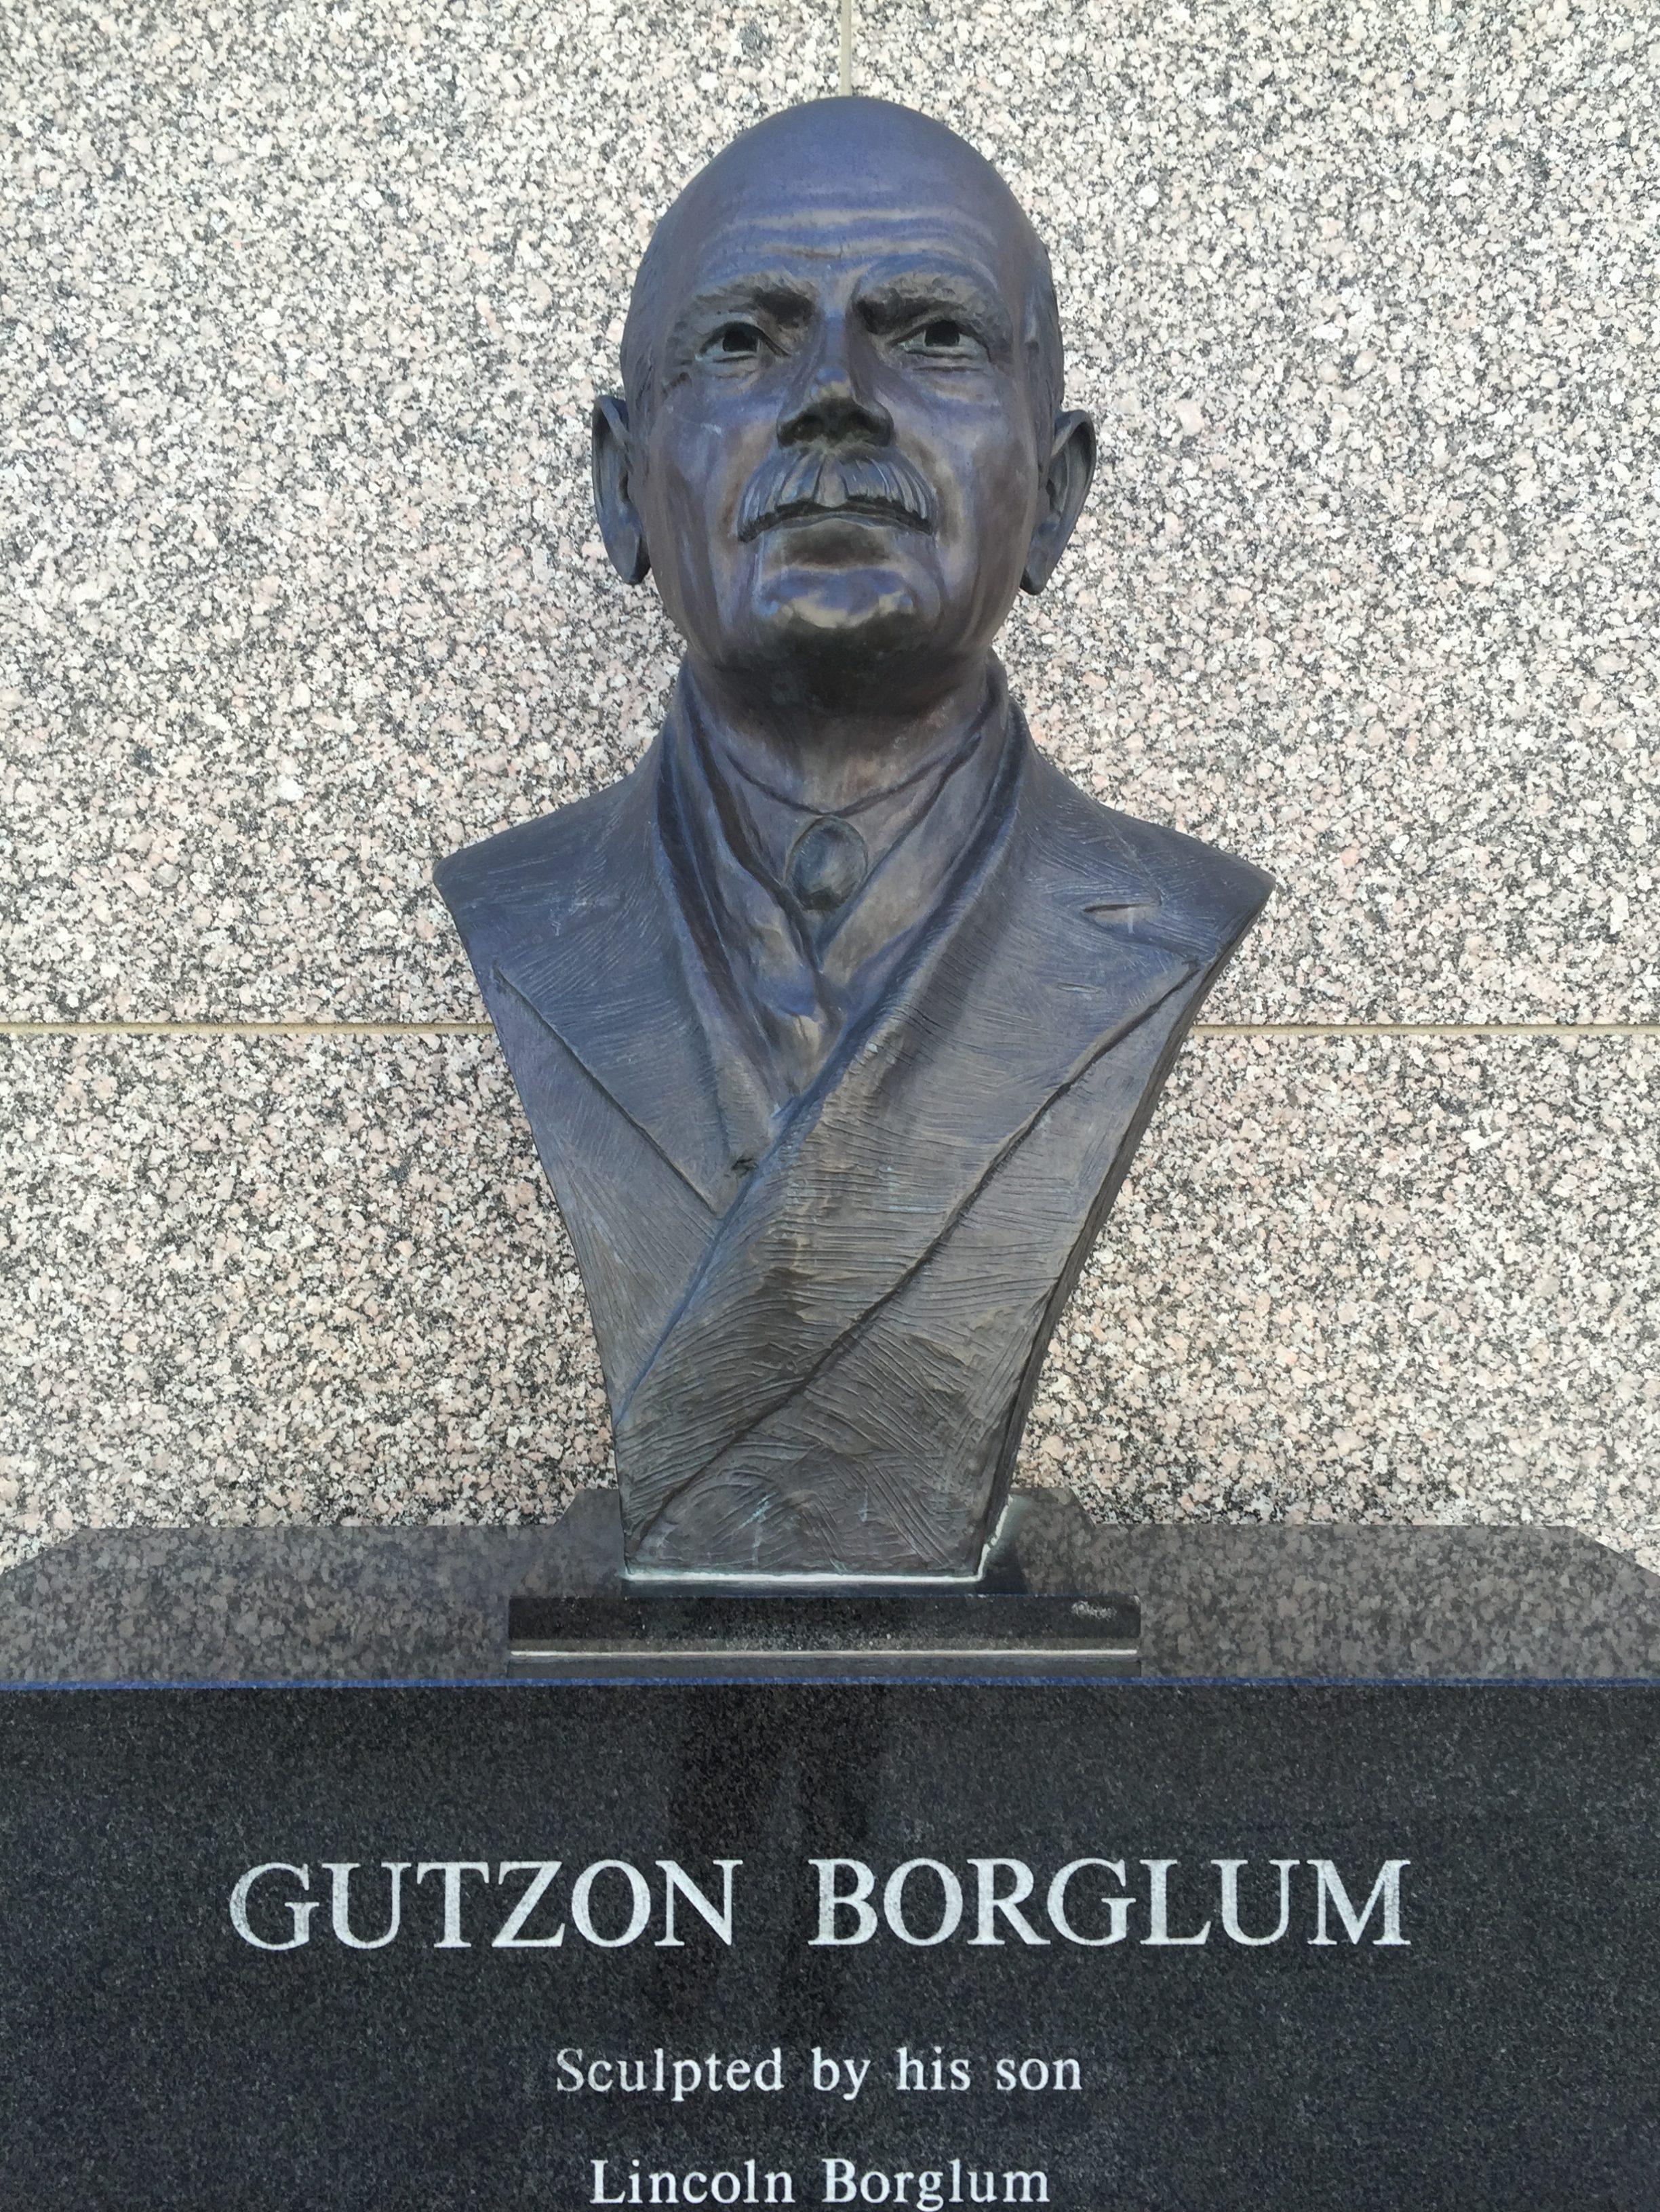 Gutzon Borglum